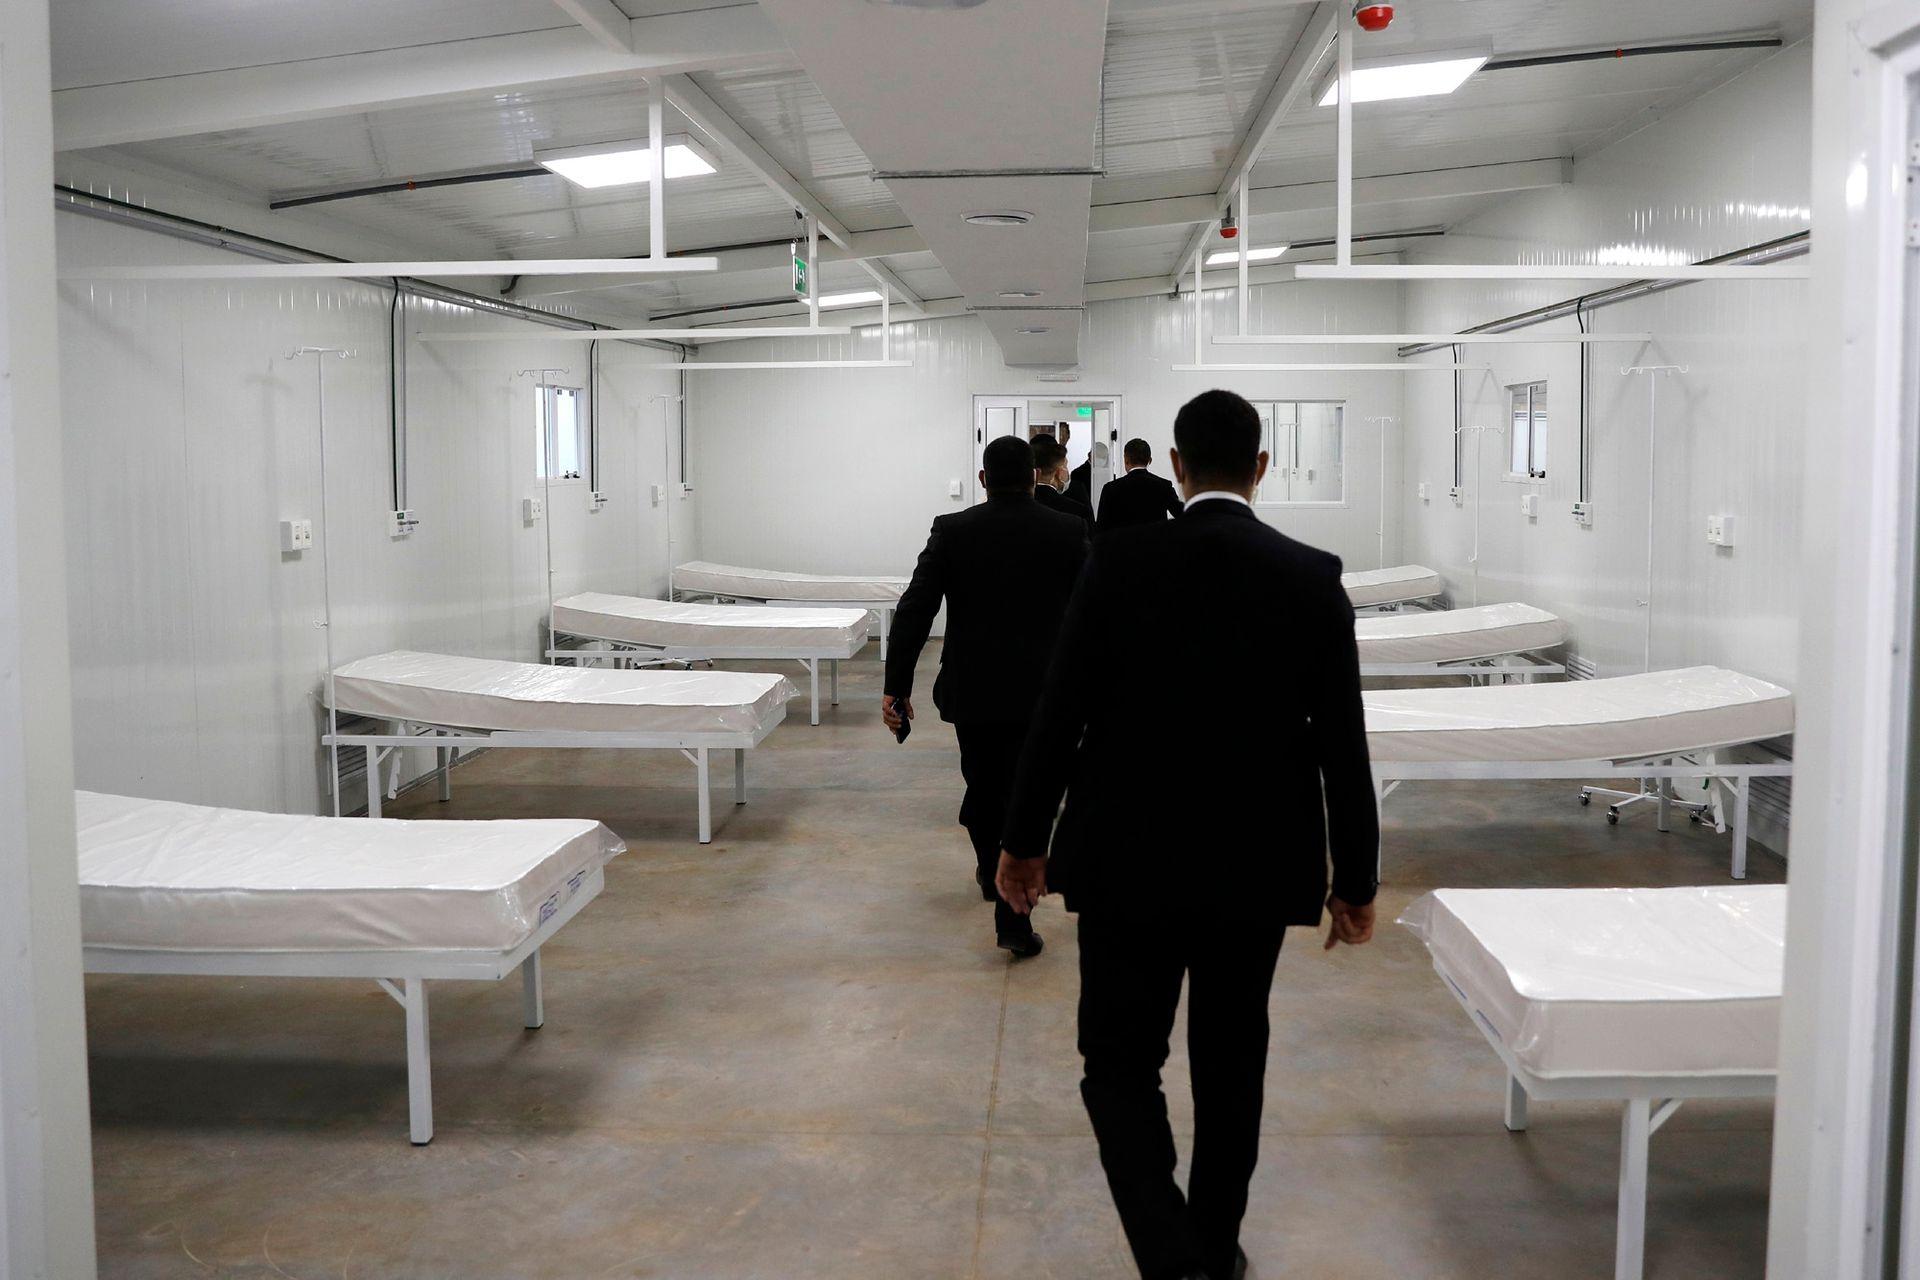 Los guardias de seguridad siguen al presidente de Paraguay mientras recorre una nueva instalación médica que recibirá a personas con COVID-19 en Itagua, Paraguay